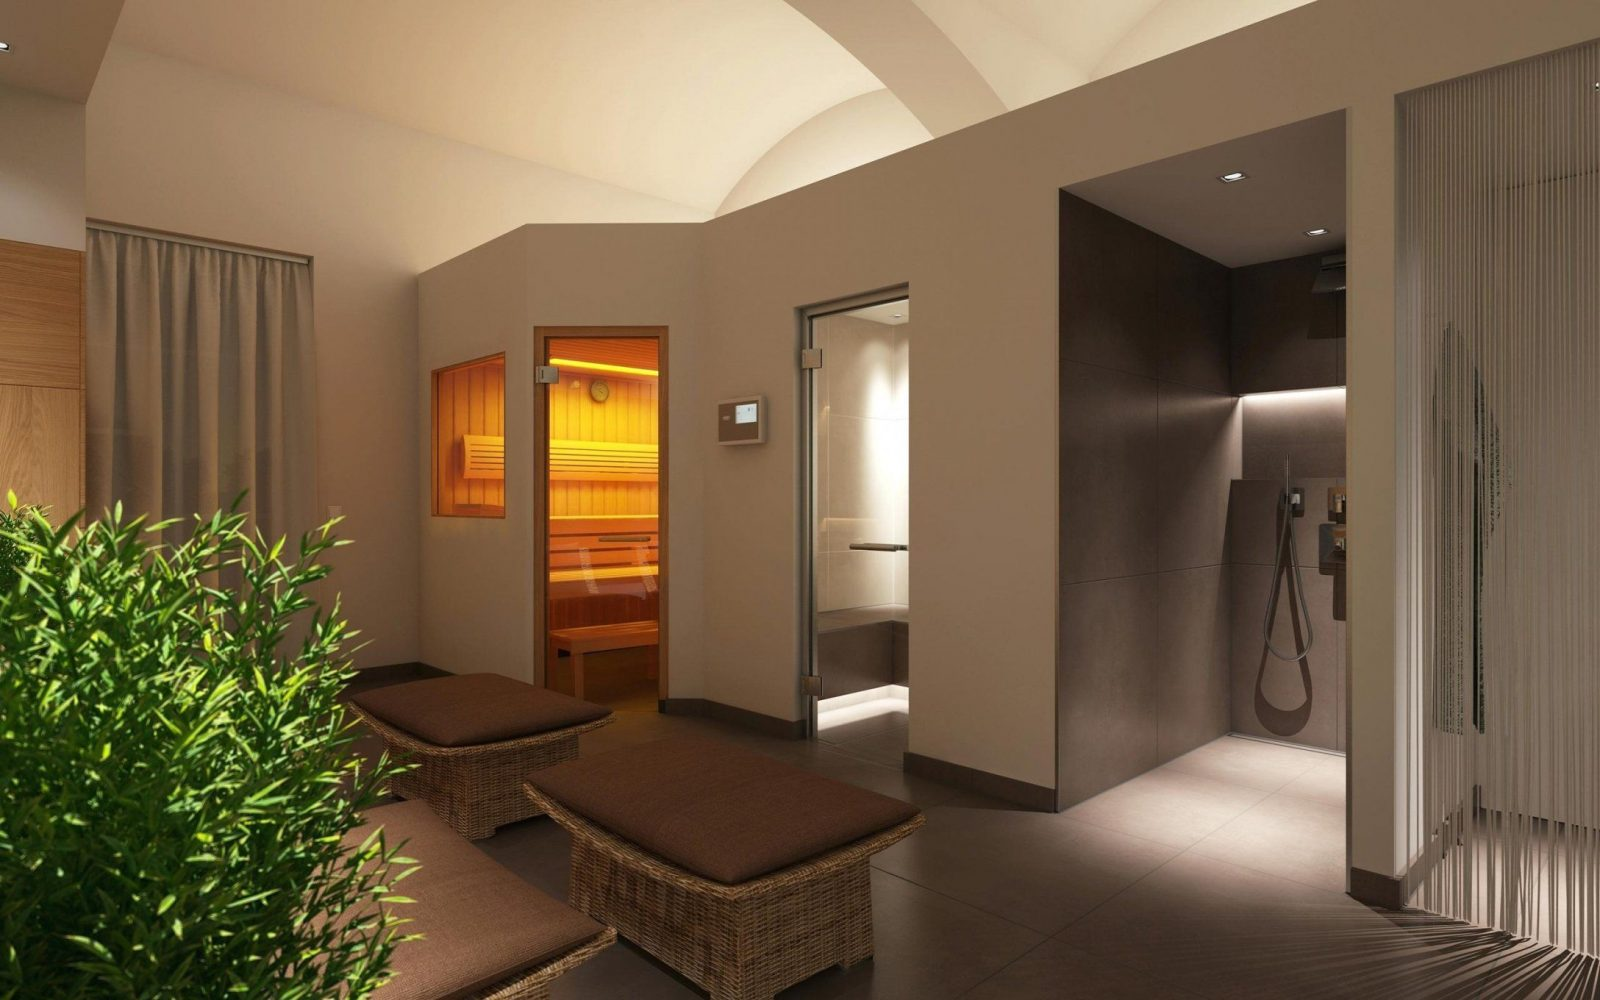 Sauna Im Keller Anzeige Abluft Einbauen Selber Bauen von Sauna Im Keller Kosten Photo